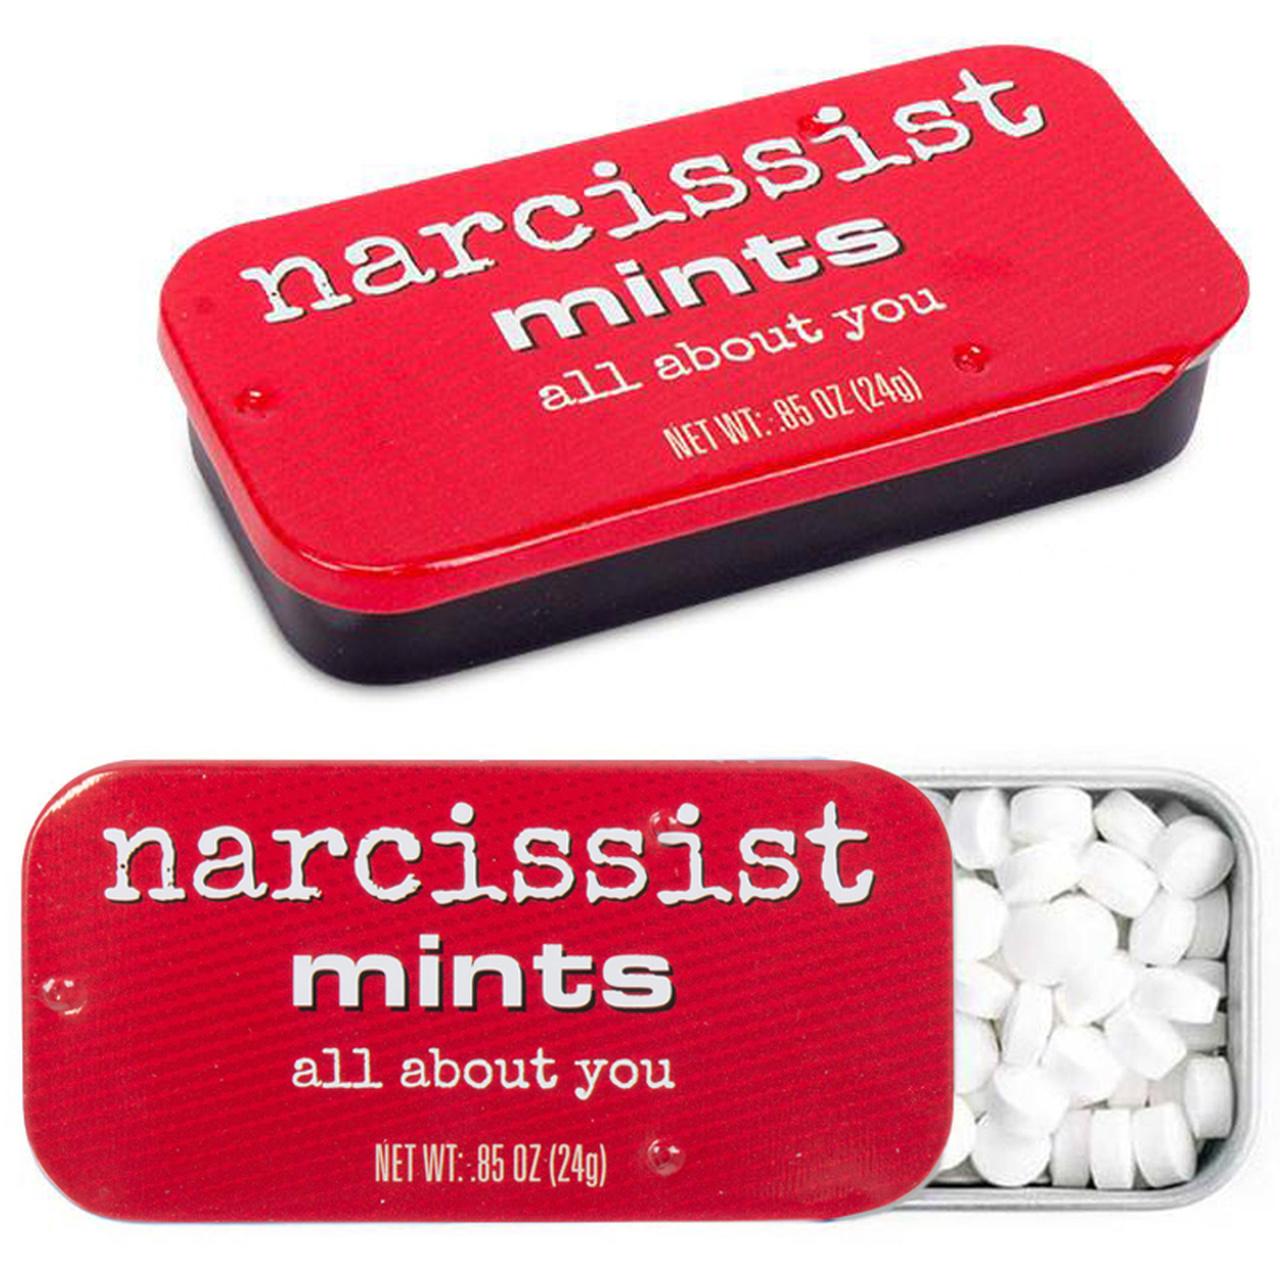 Archie McPhee Mints: Narcissist